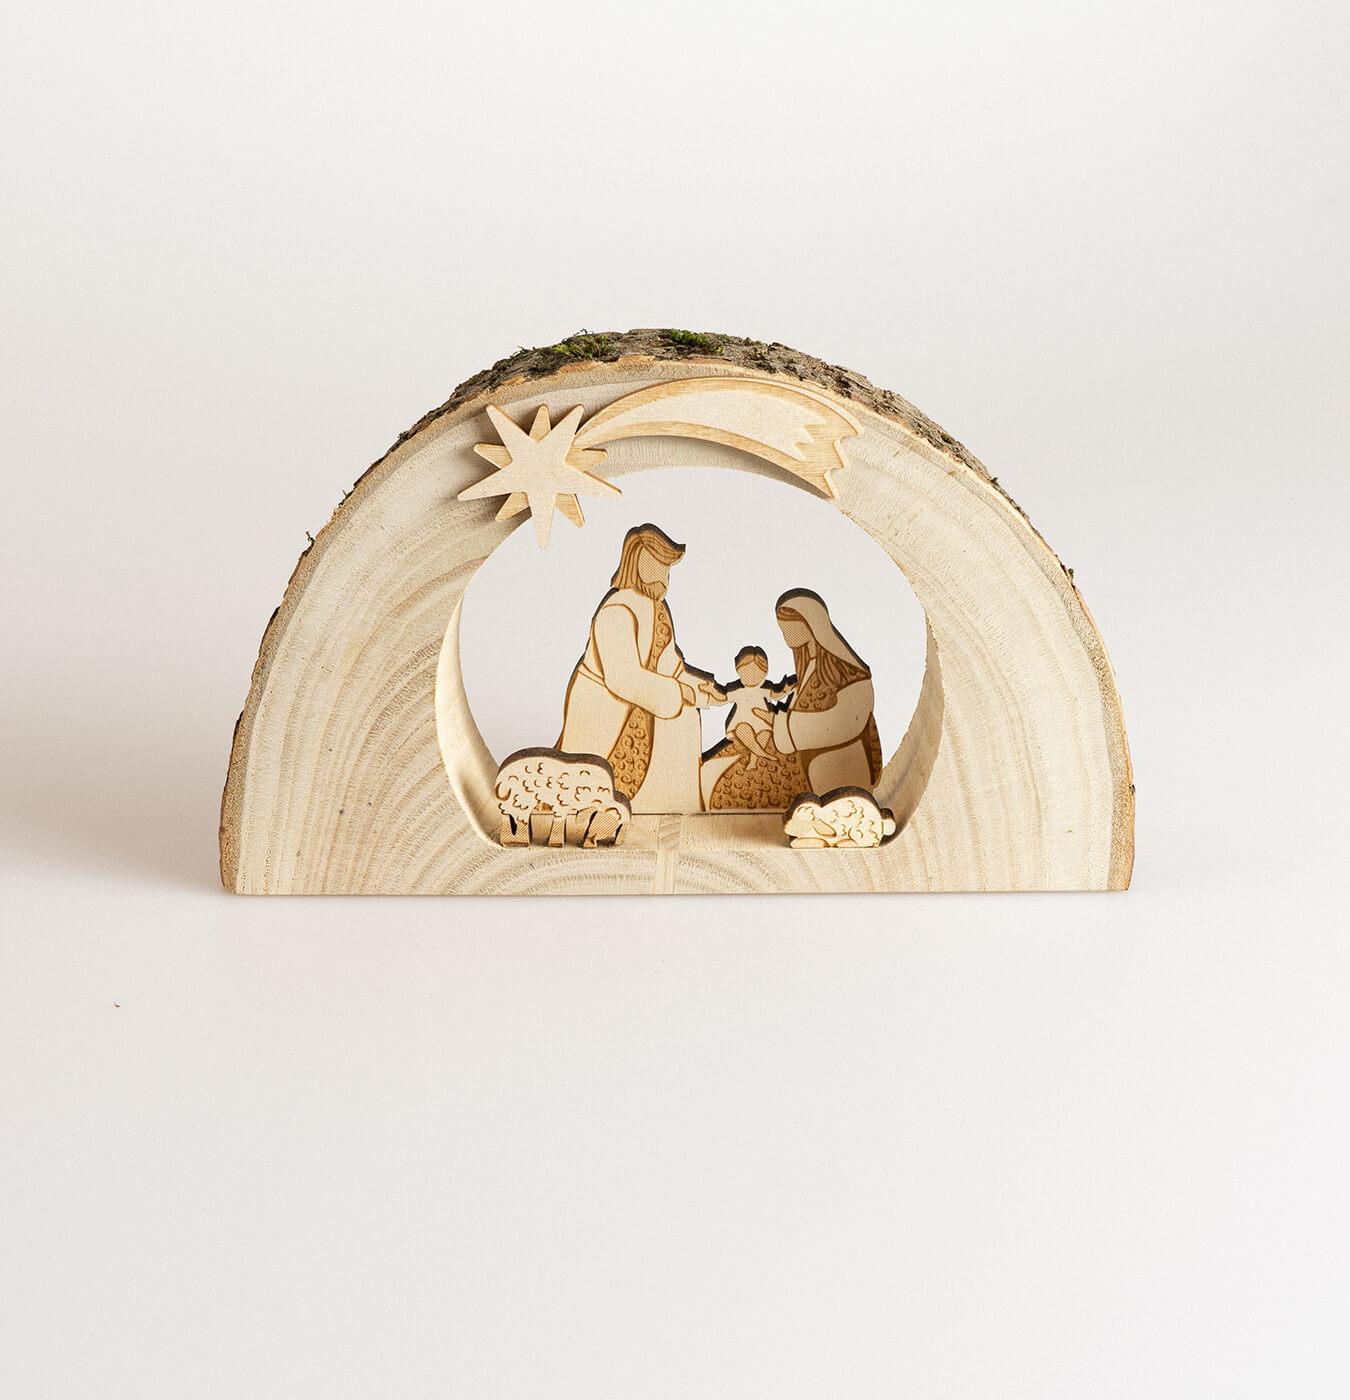 Presepe grotta in legno di castagno